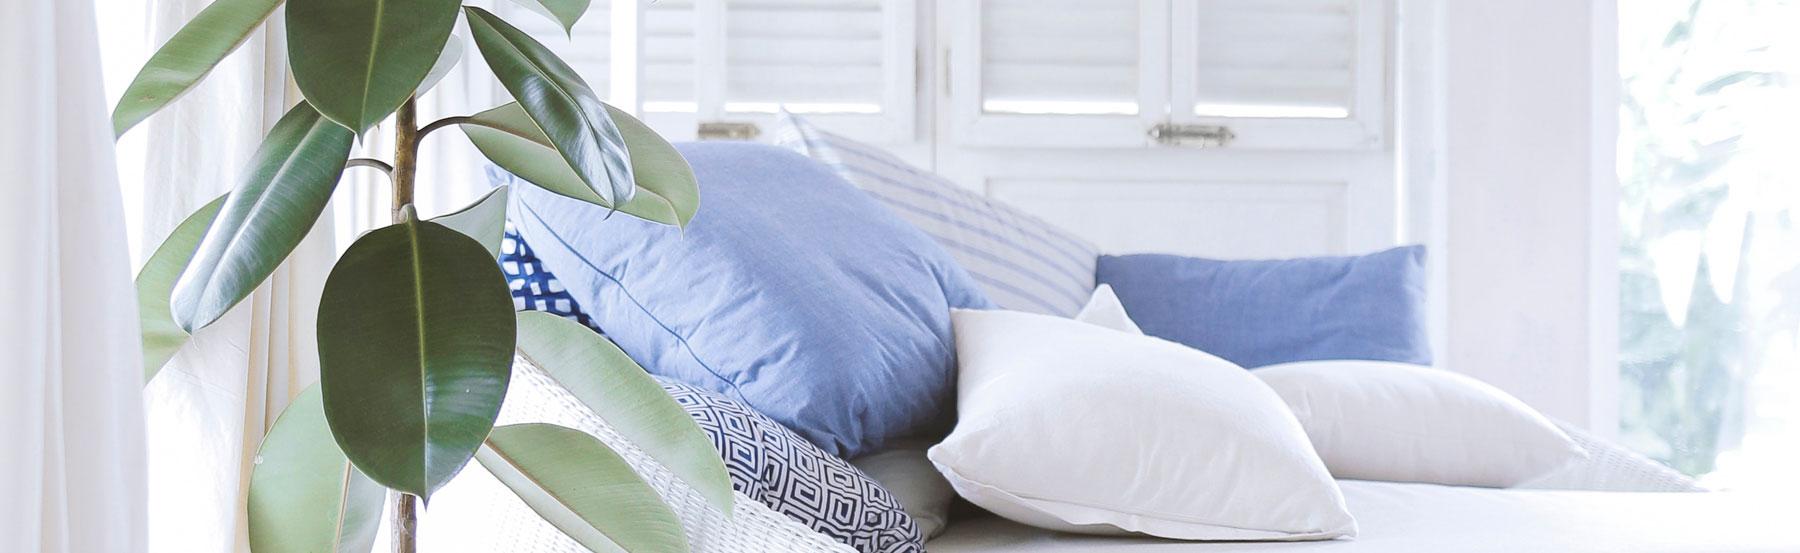 WEBIMAGES: Sept2019-Cozy-Pillows.jpg